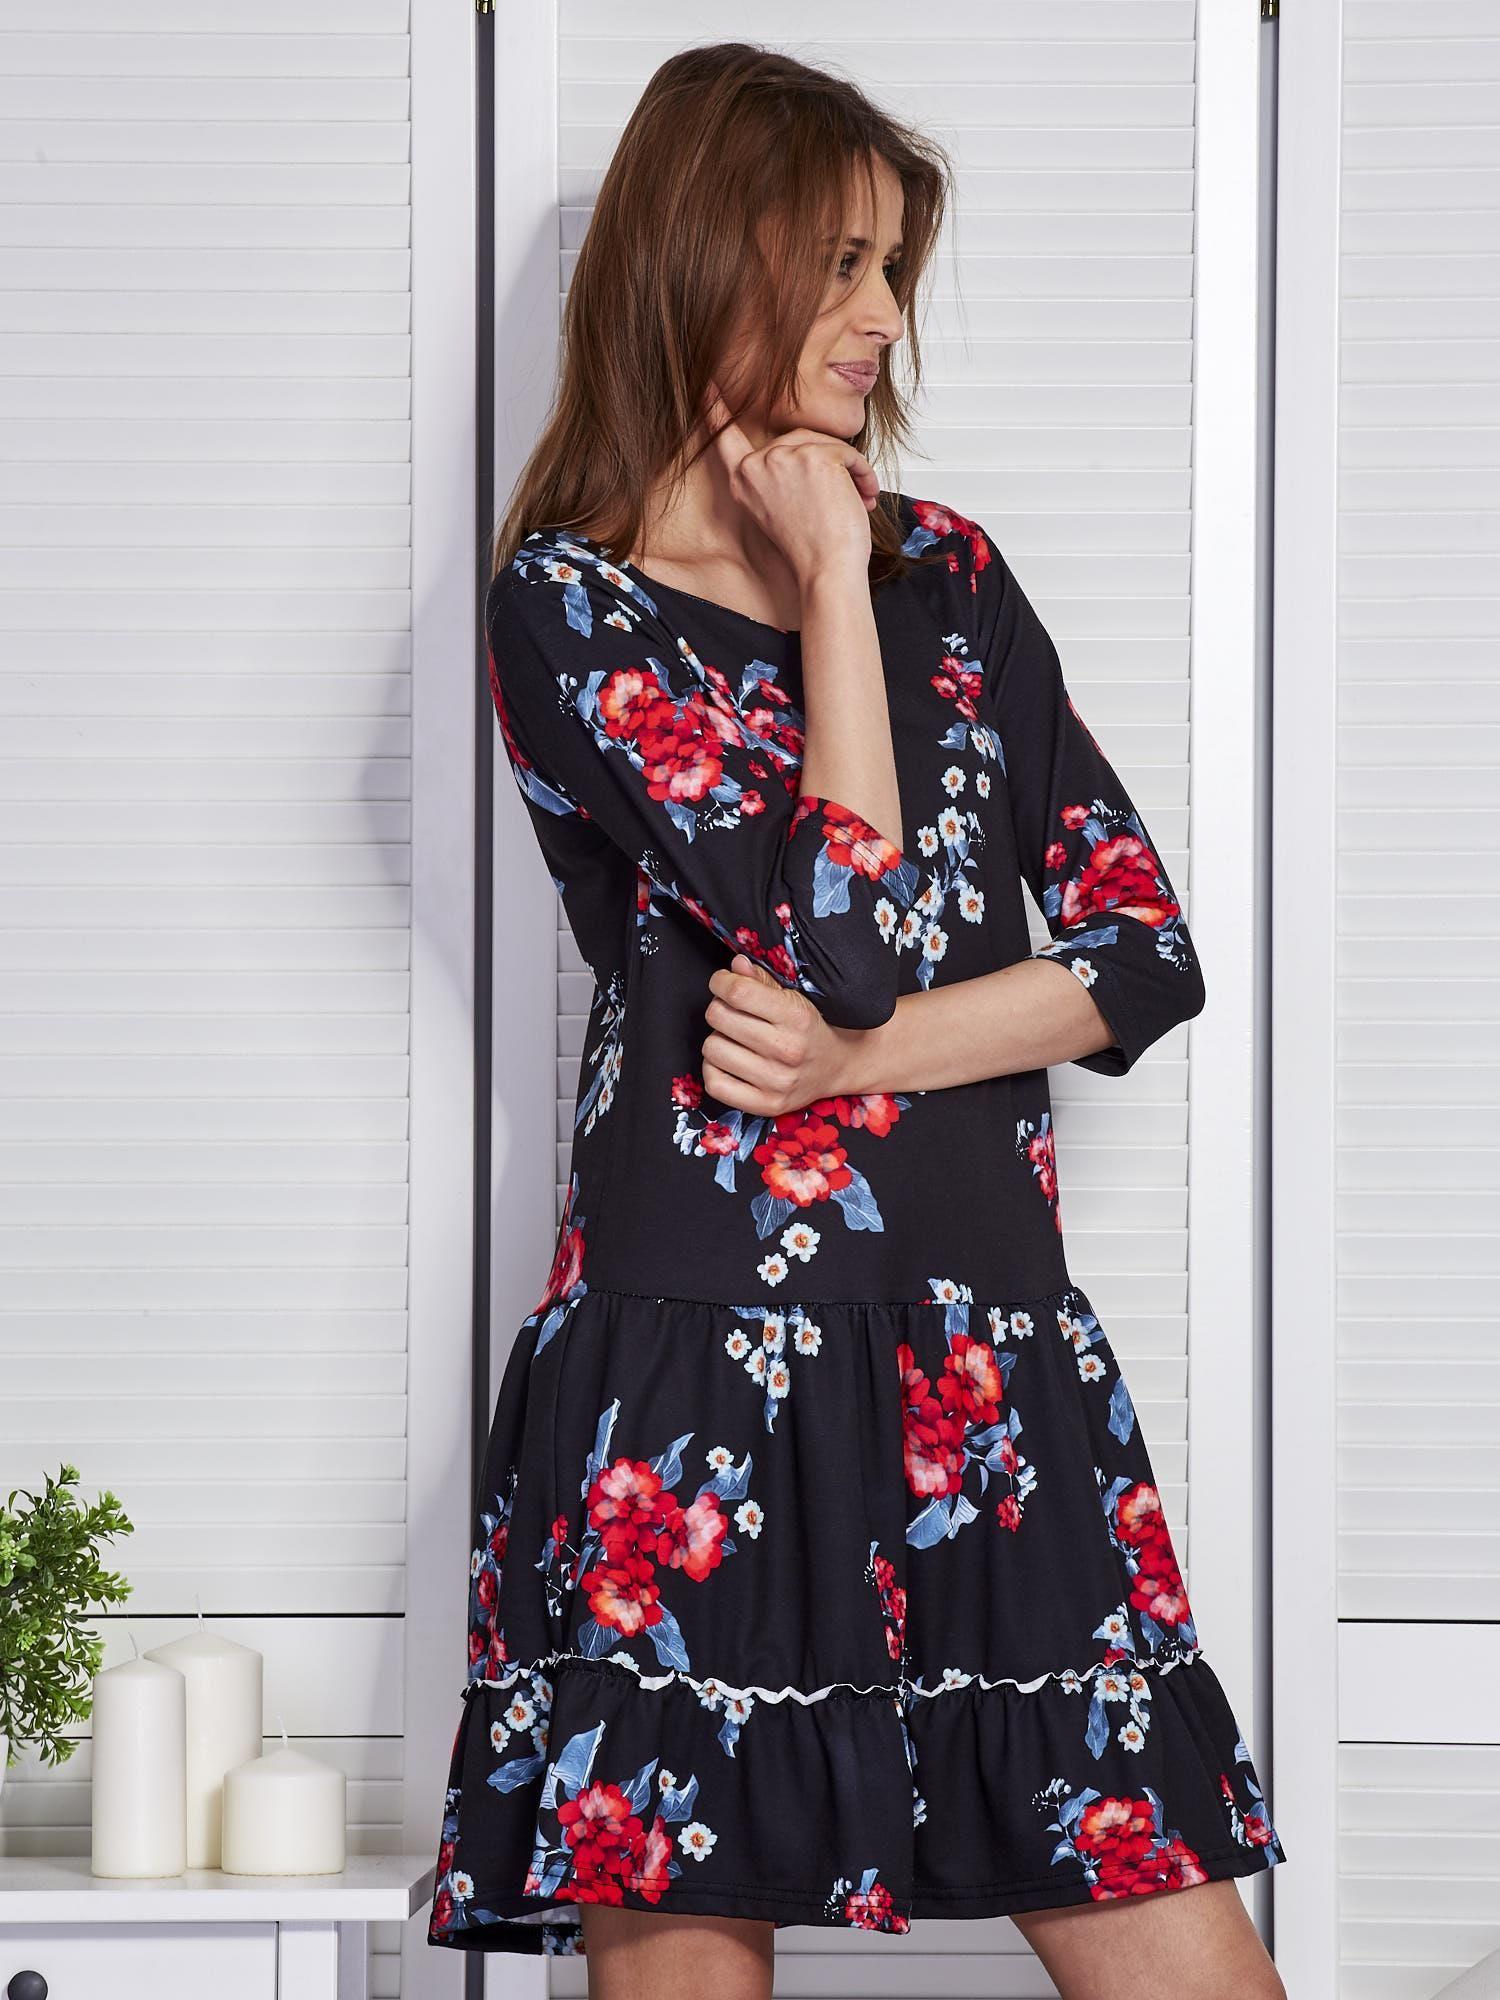 e51f90110e Czarna sukienka w kwiaty z wycięciem na plecach - Sukienka ...